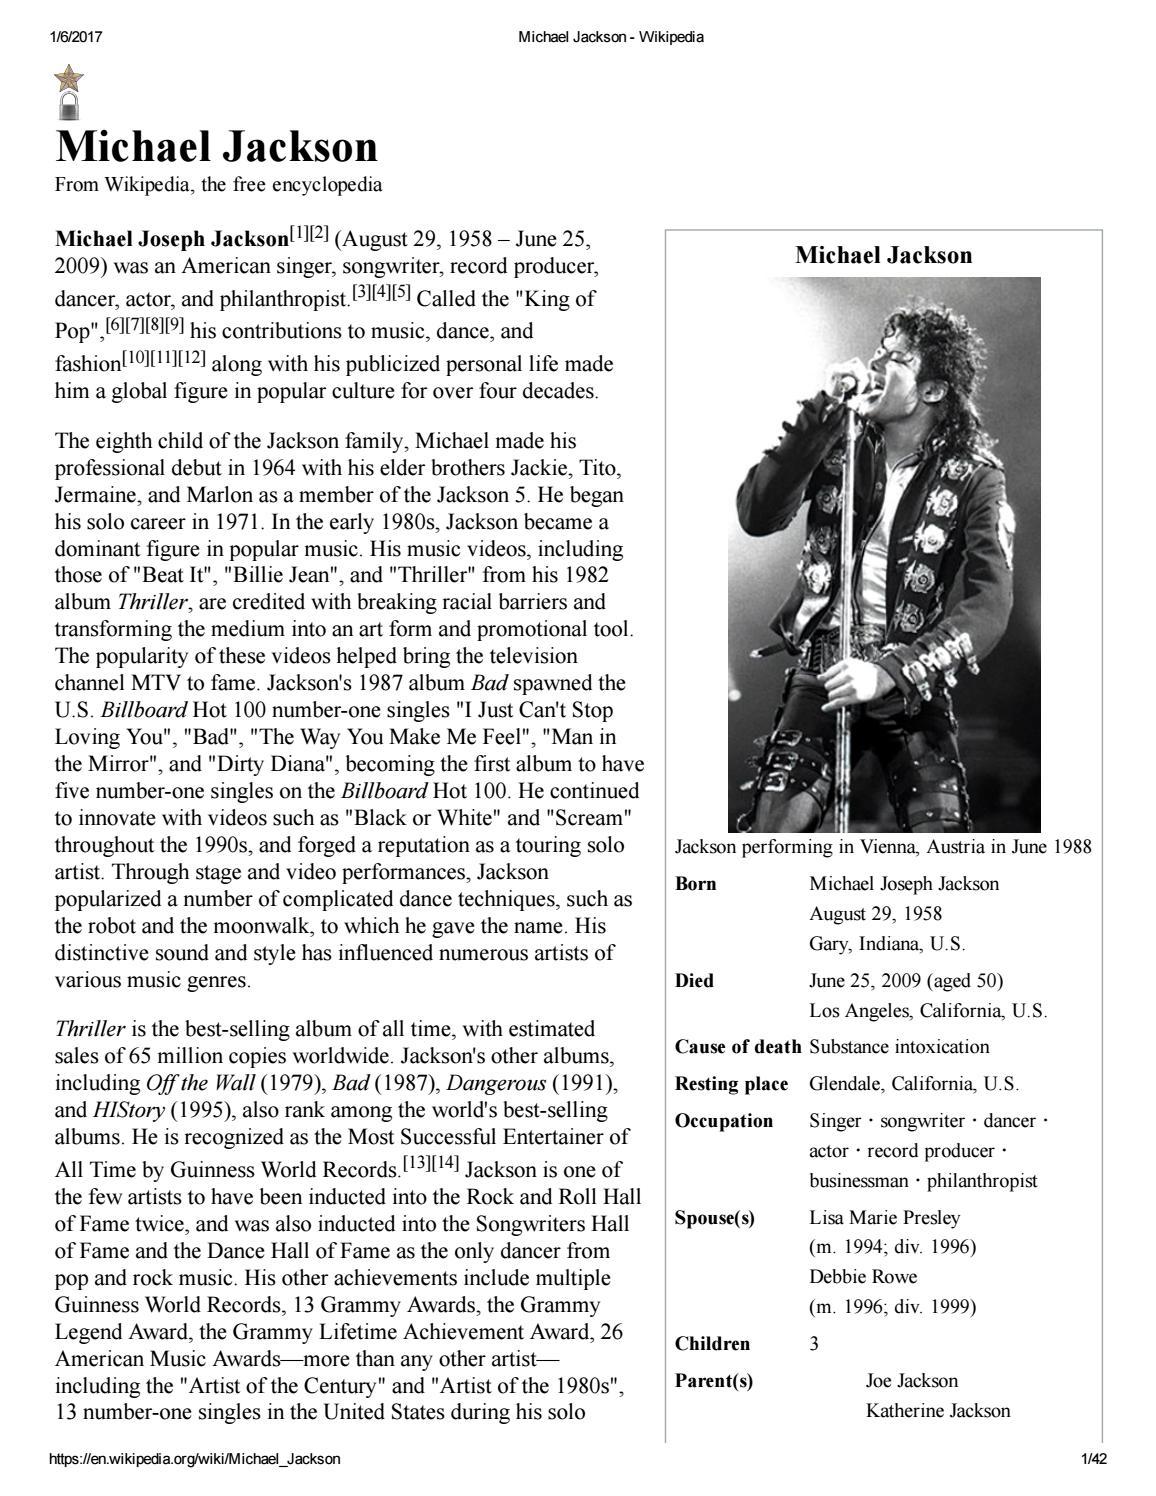 Michael Jackson Wikipedia by MJacksonidis - issuu